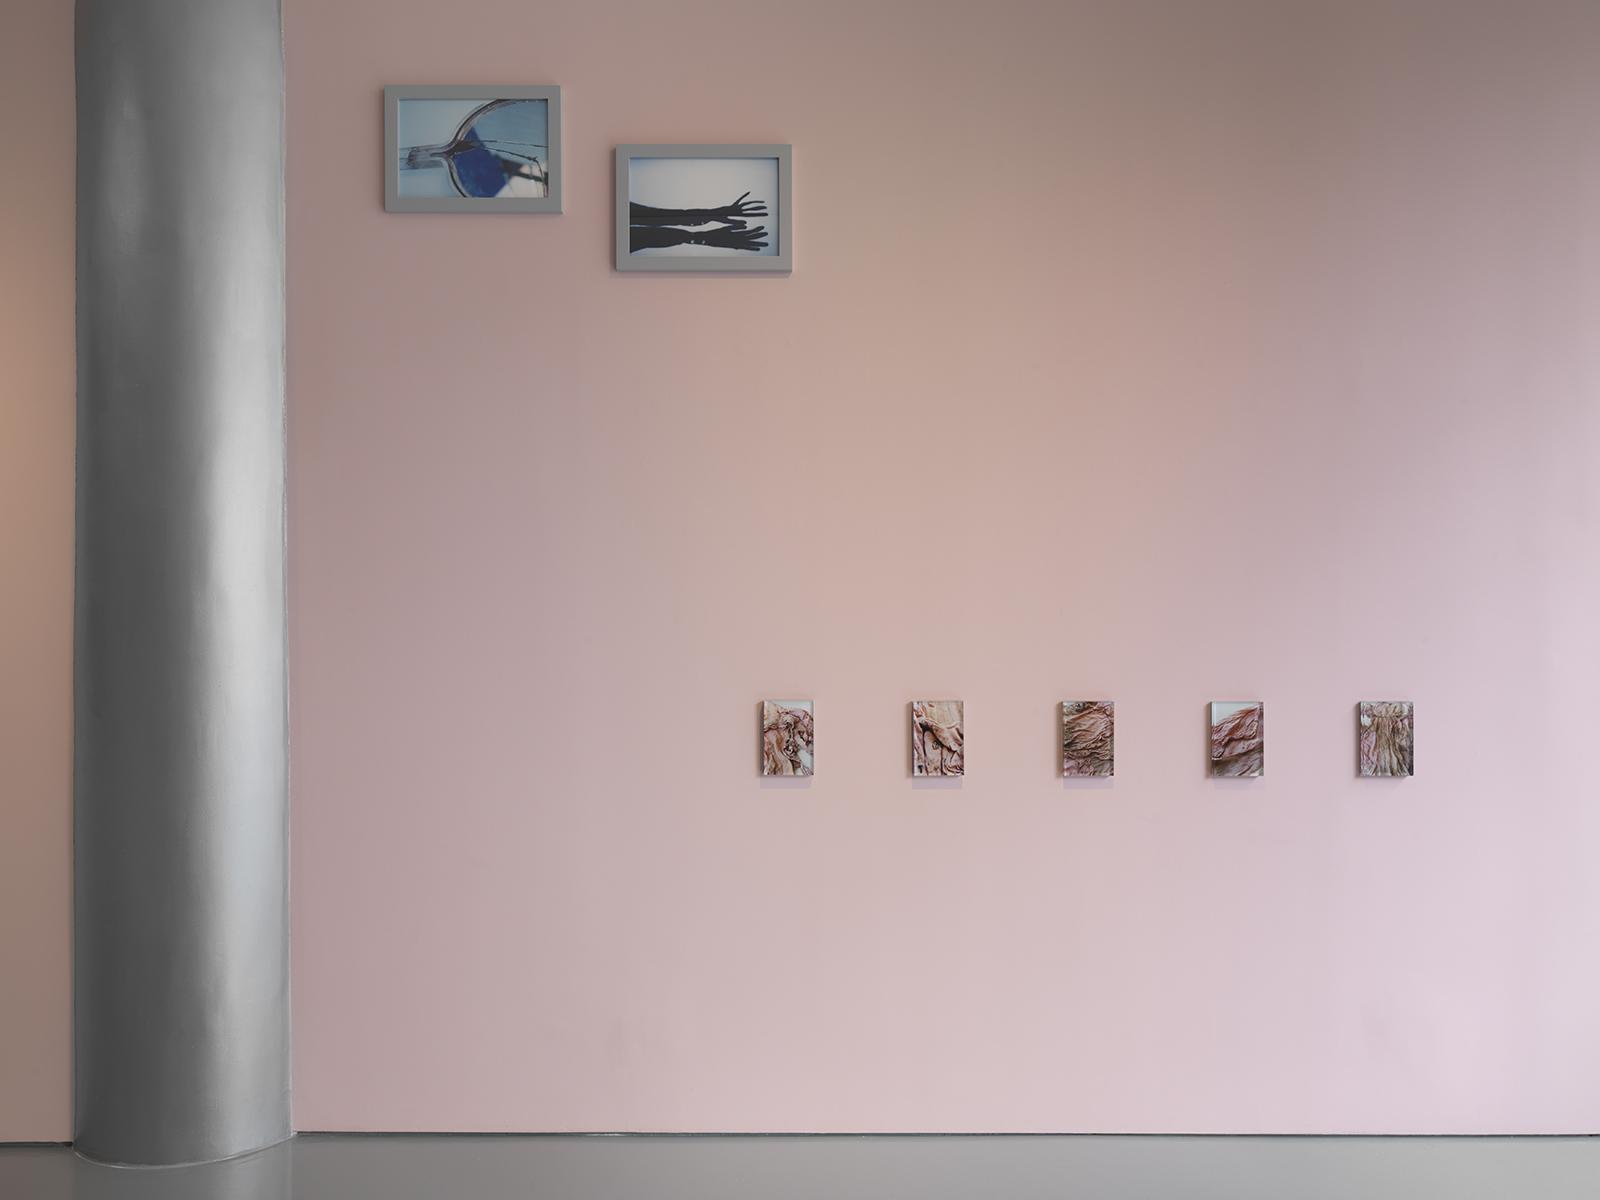 Photograph 5 from Ishiuchi Miyako exhibition.